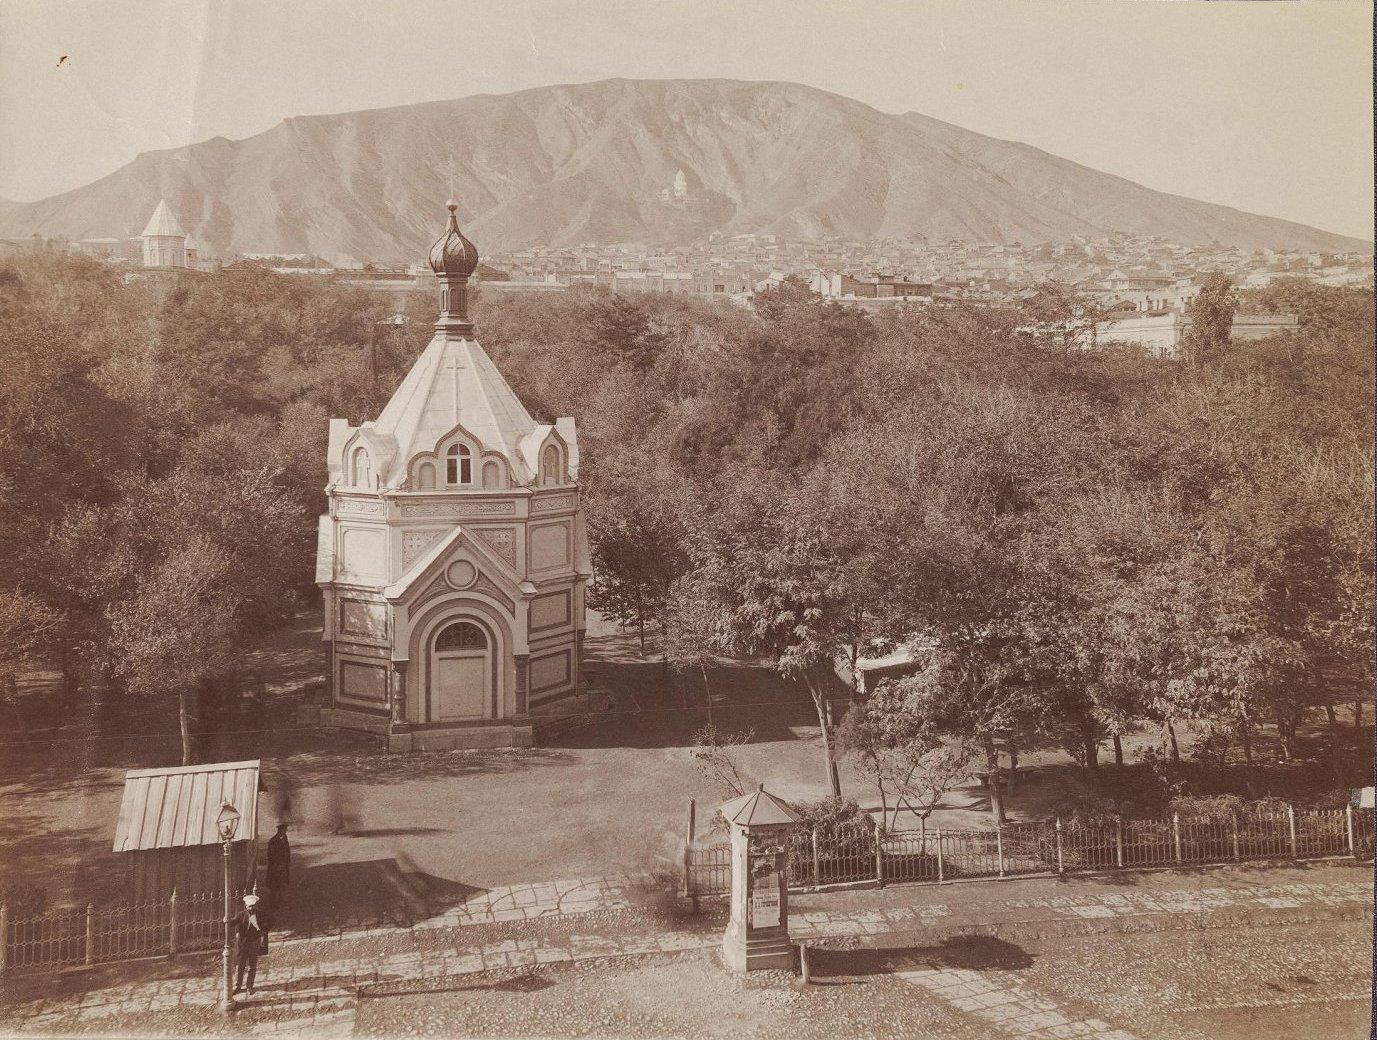 Часовня памяти императора Александра III в г. Тифлисе в Александровском саду. 1890-е